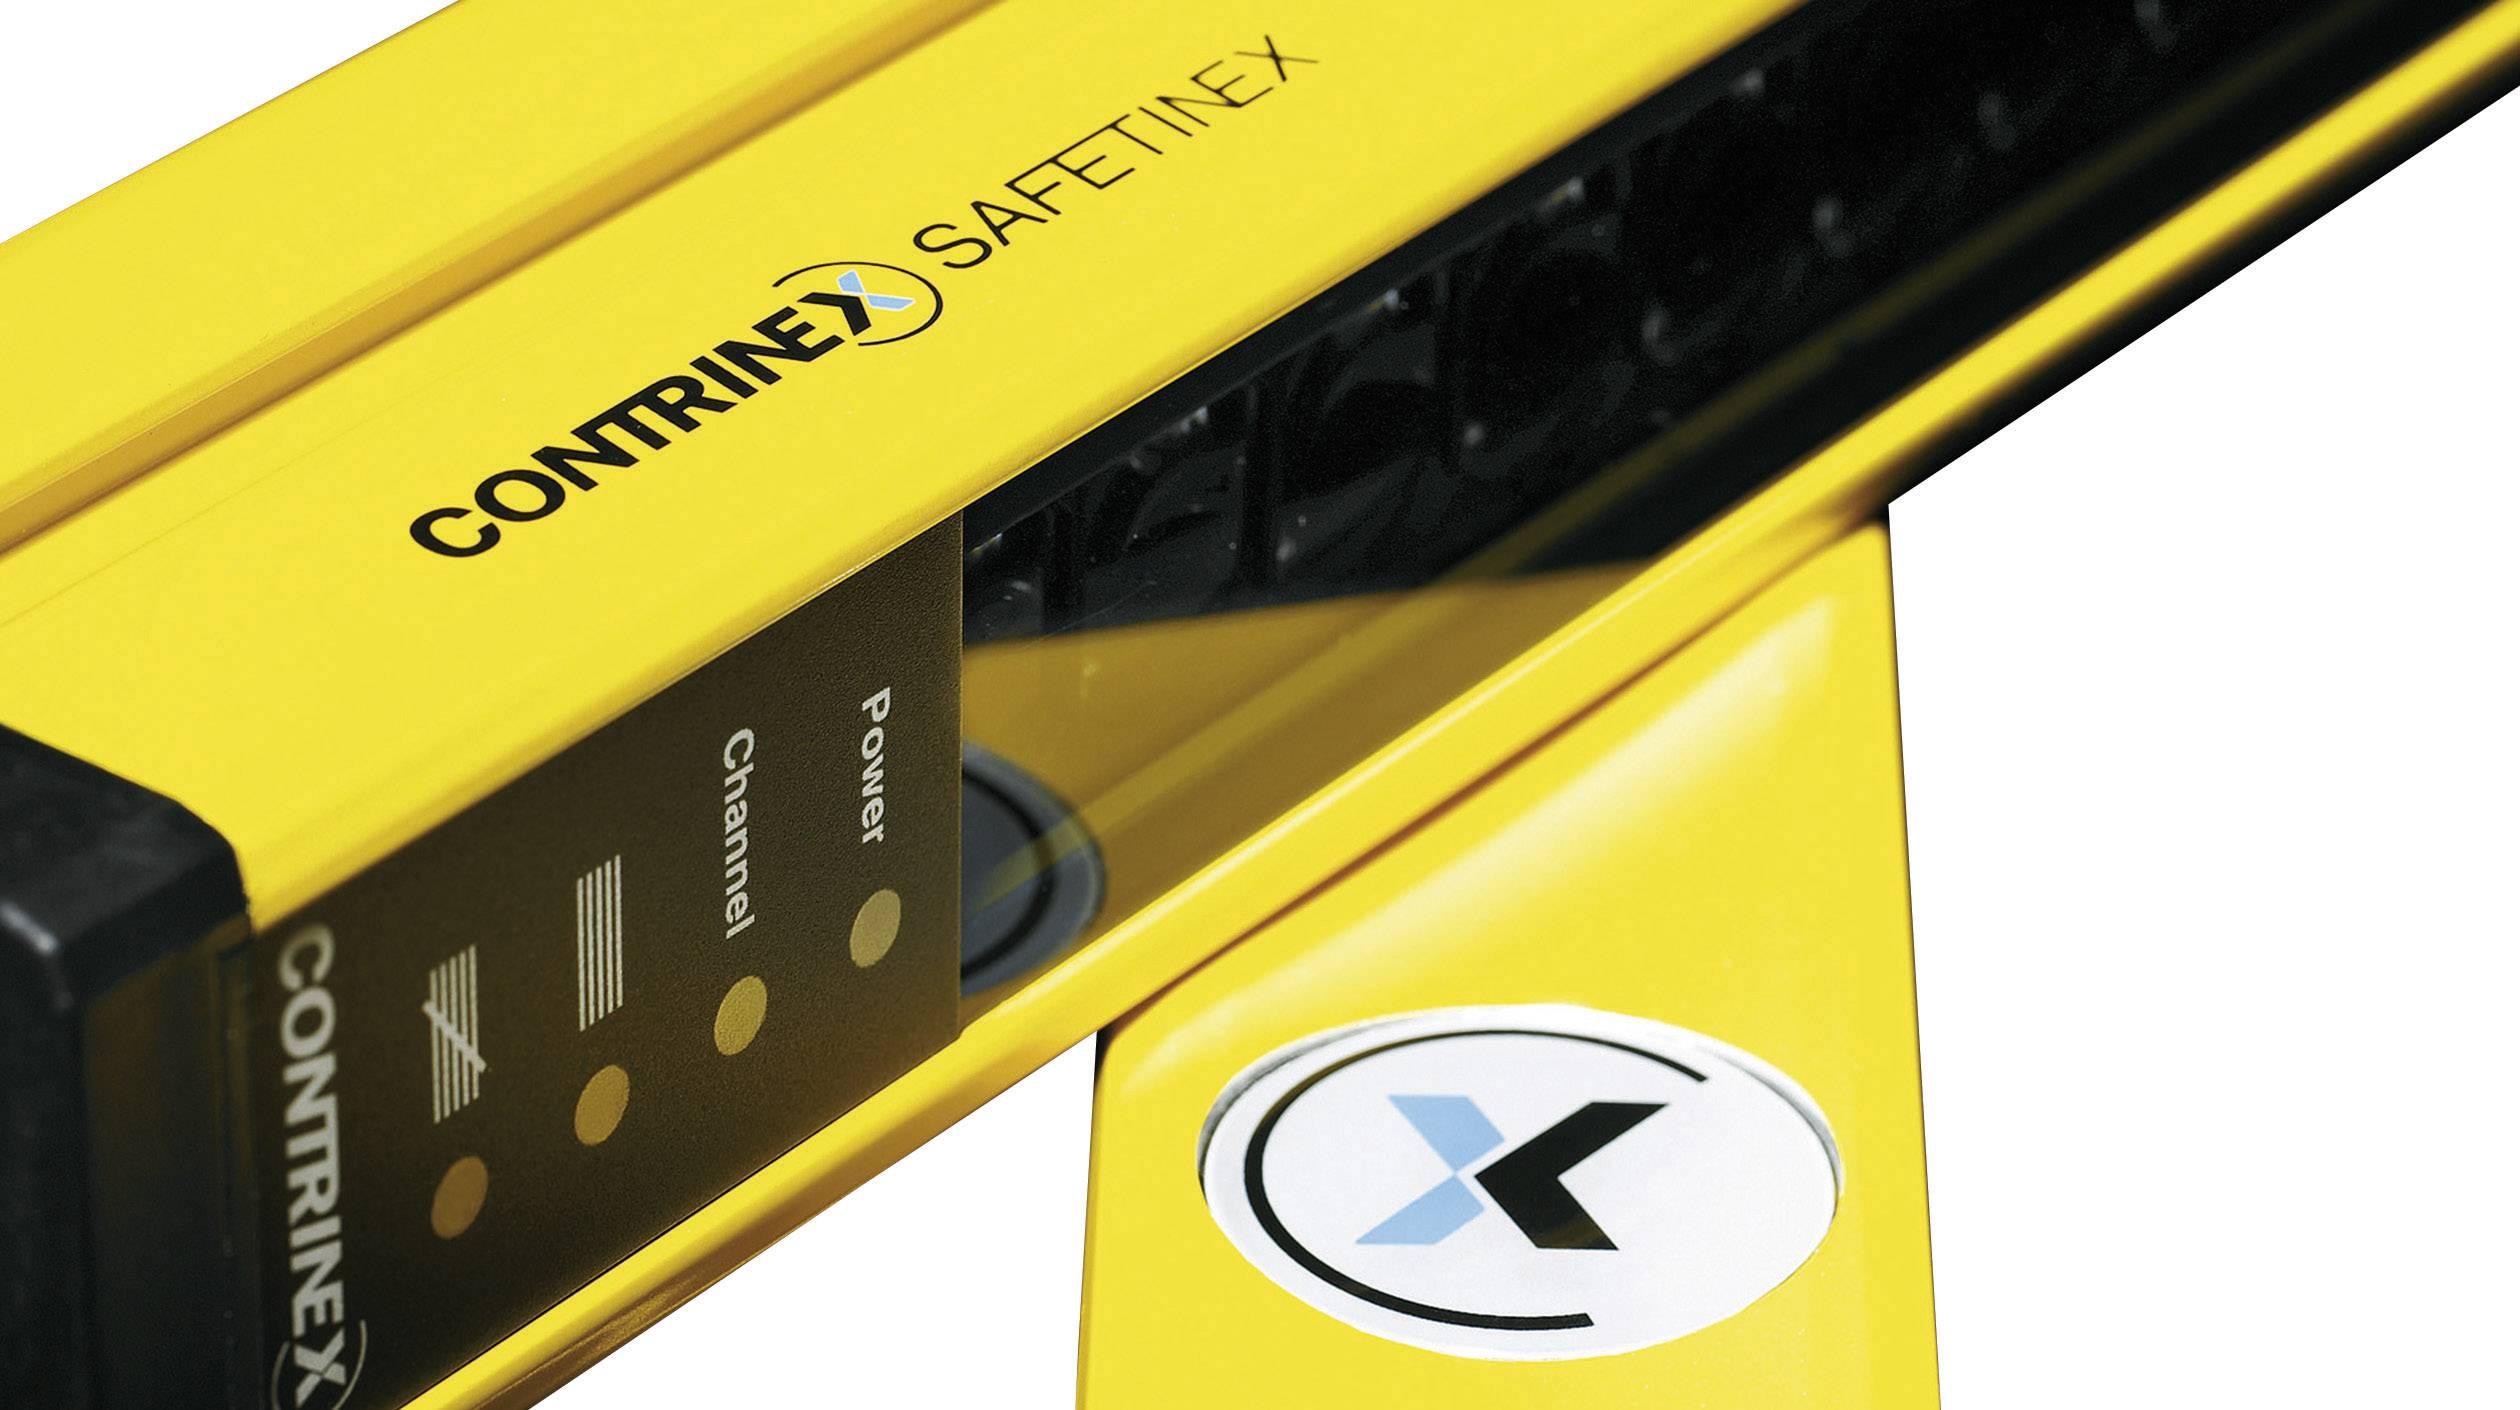 Contrinex YBB-30S4-1400-G012 630 000 595